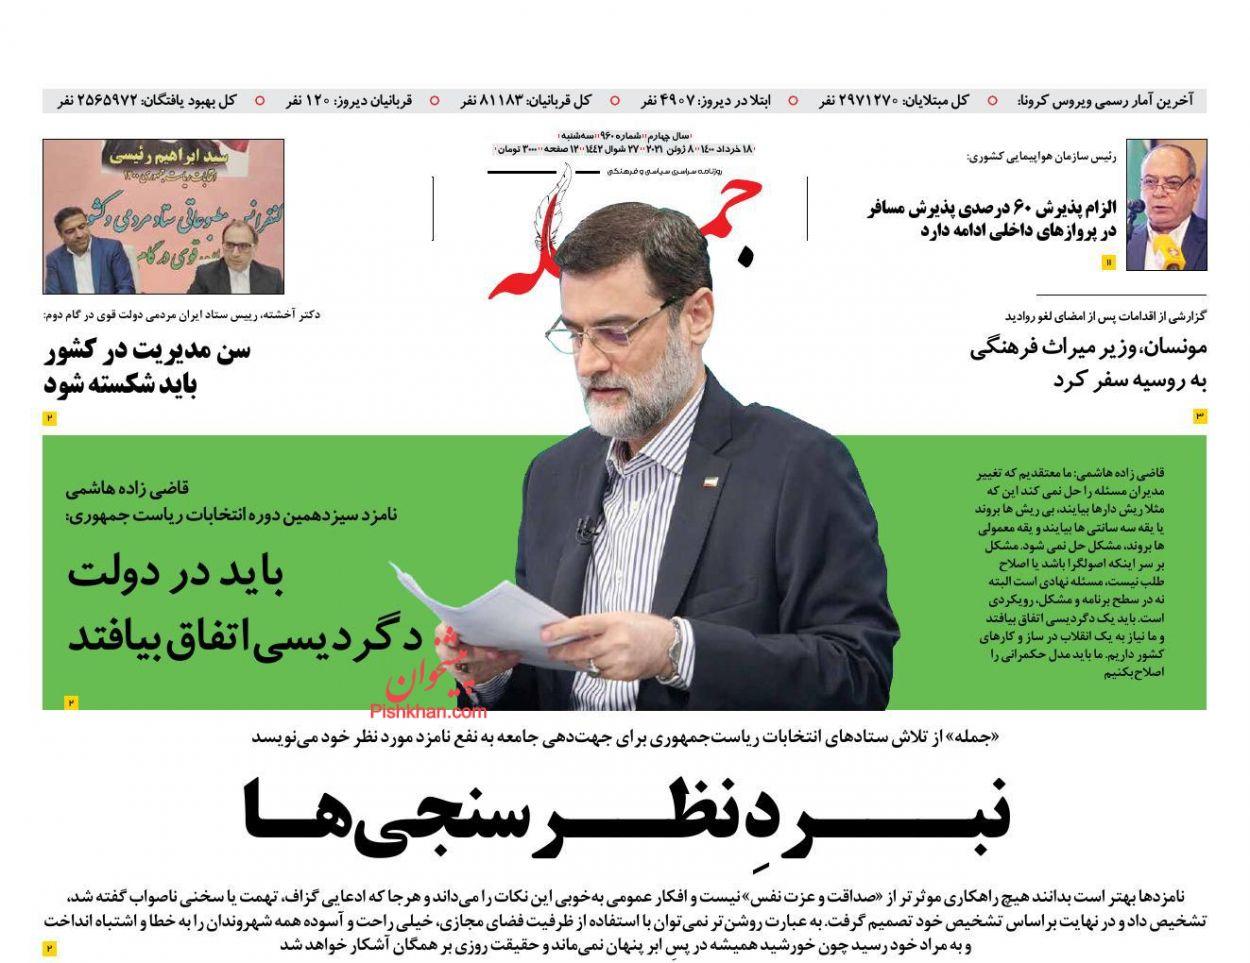 عناوین اخبار روزنامه جمله در روز سهشنبه ۱۸ خرداد